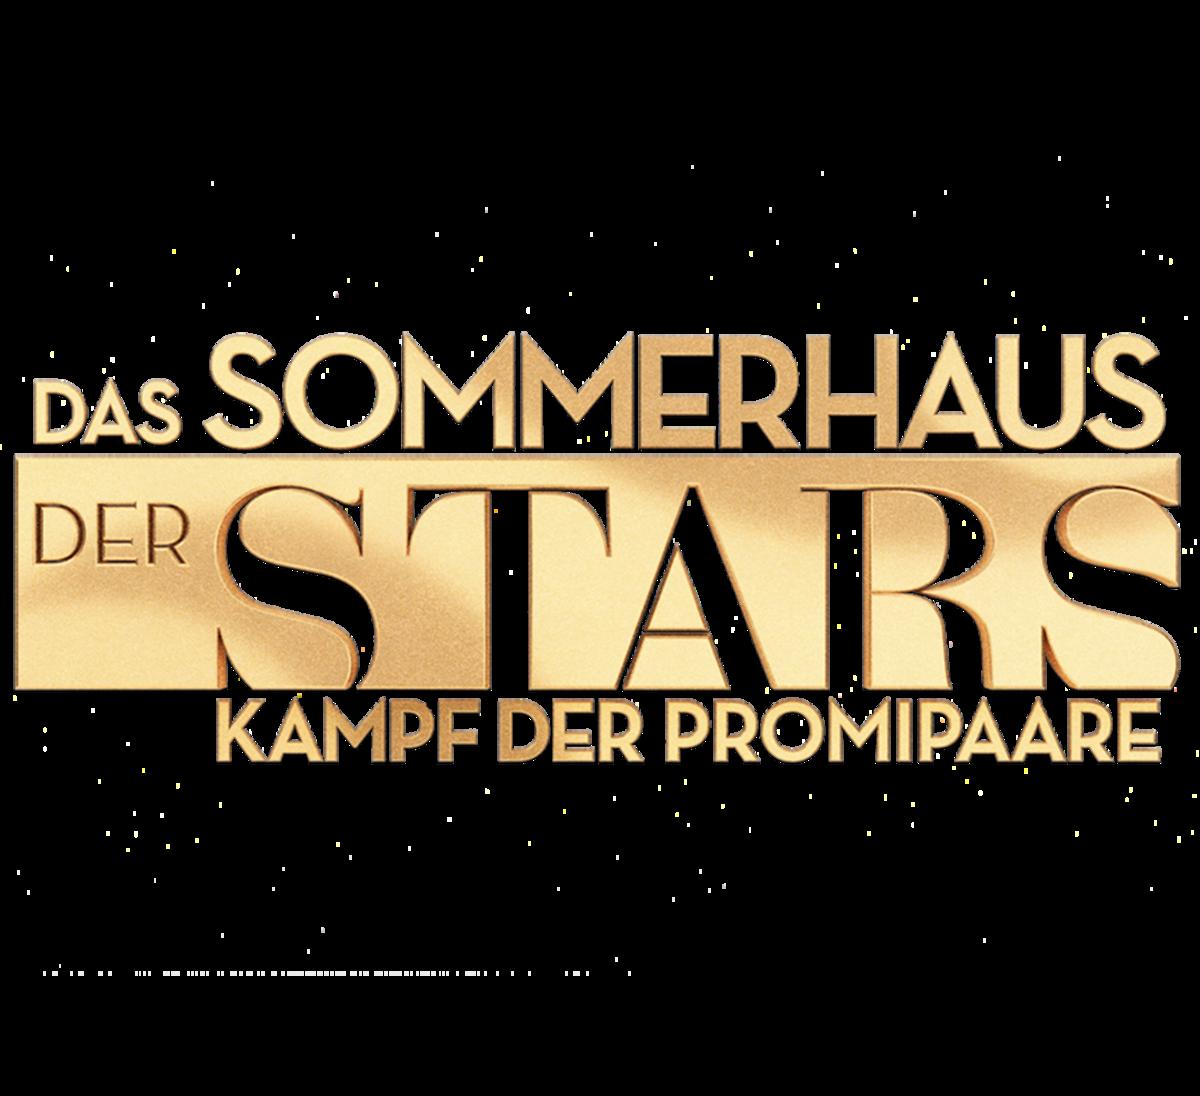 Wann kommt das sommerhaus der stars